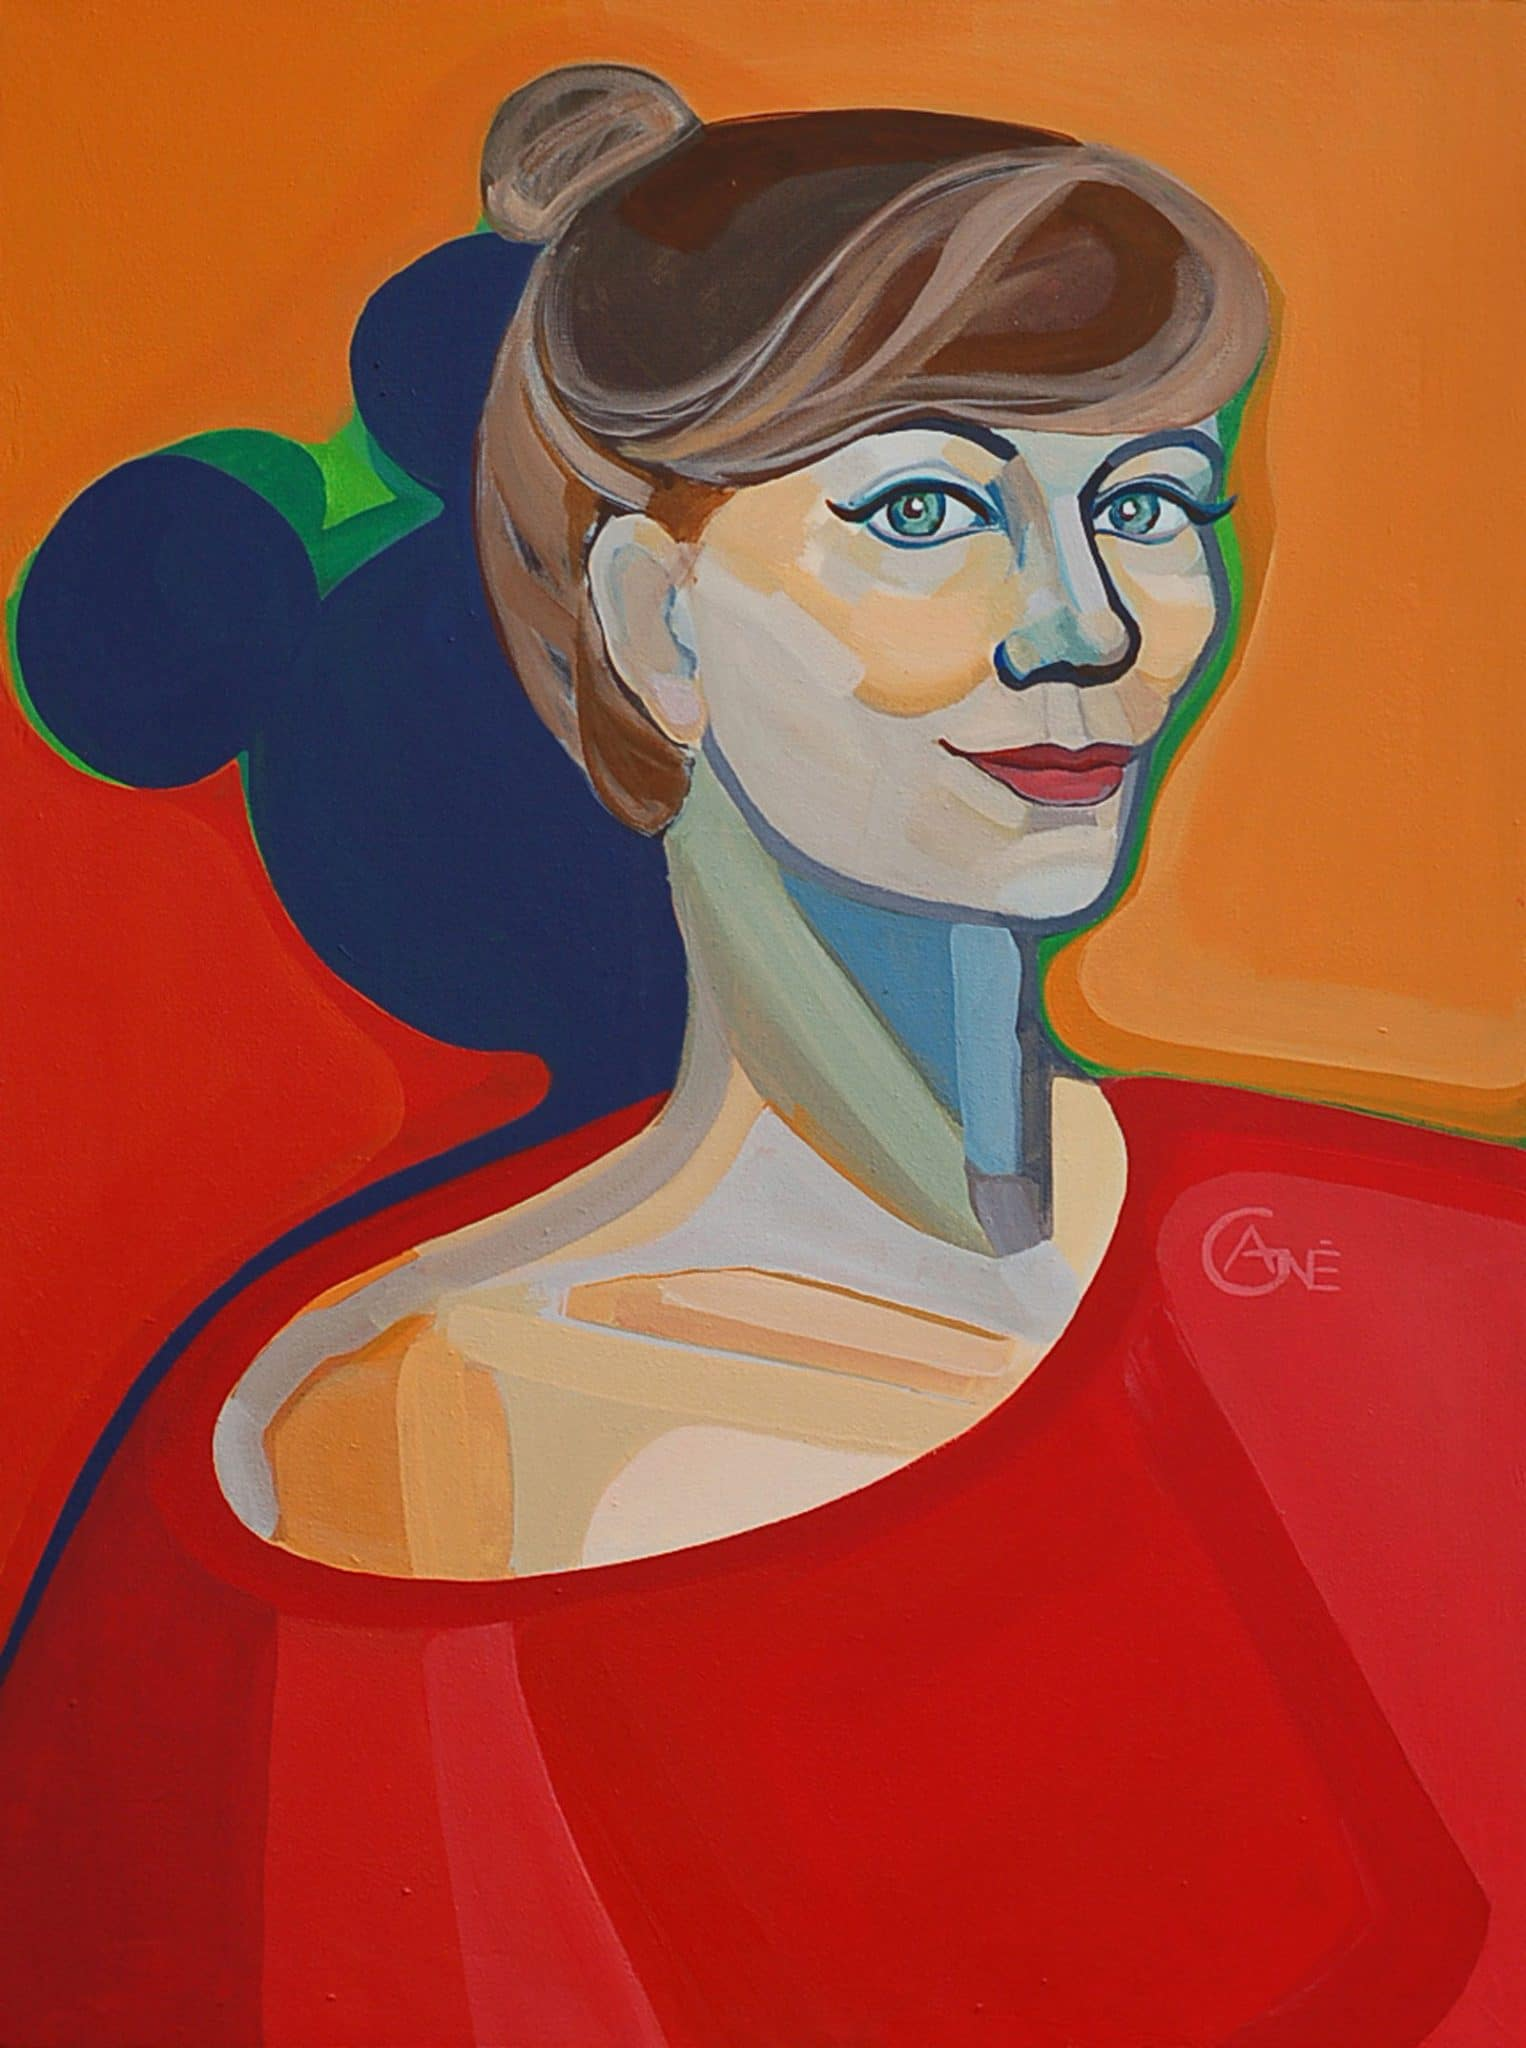 Thumbnail of painting 'Self Portrait' author Agne Kisonaite